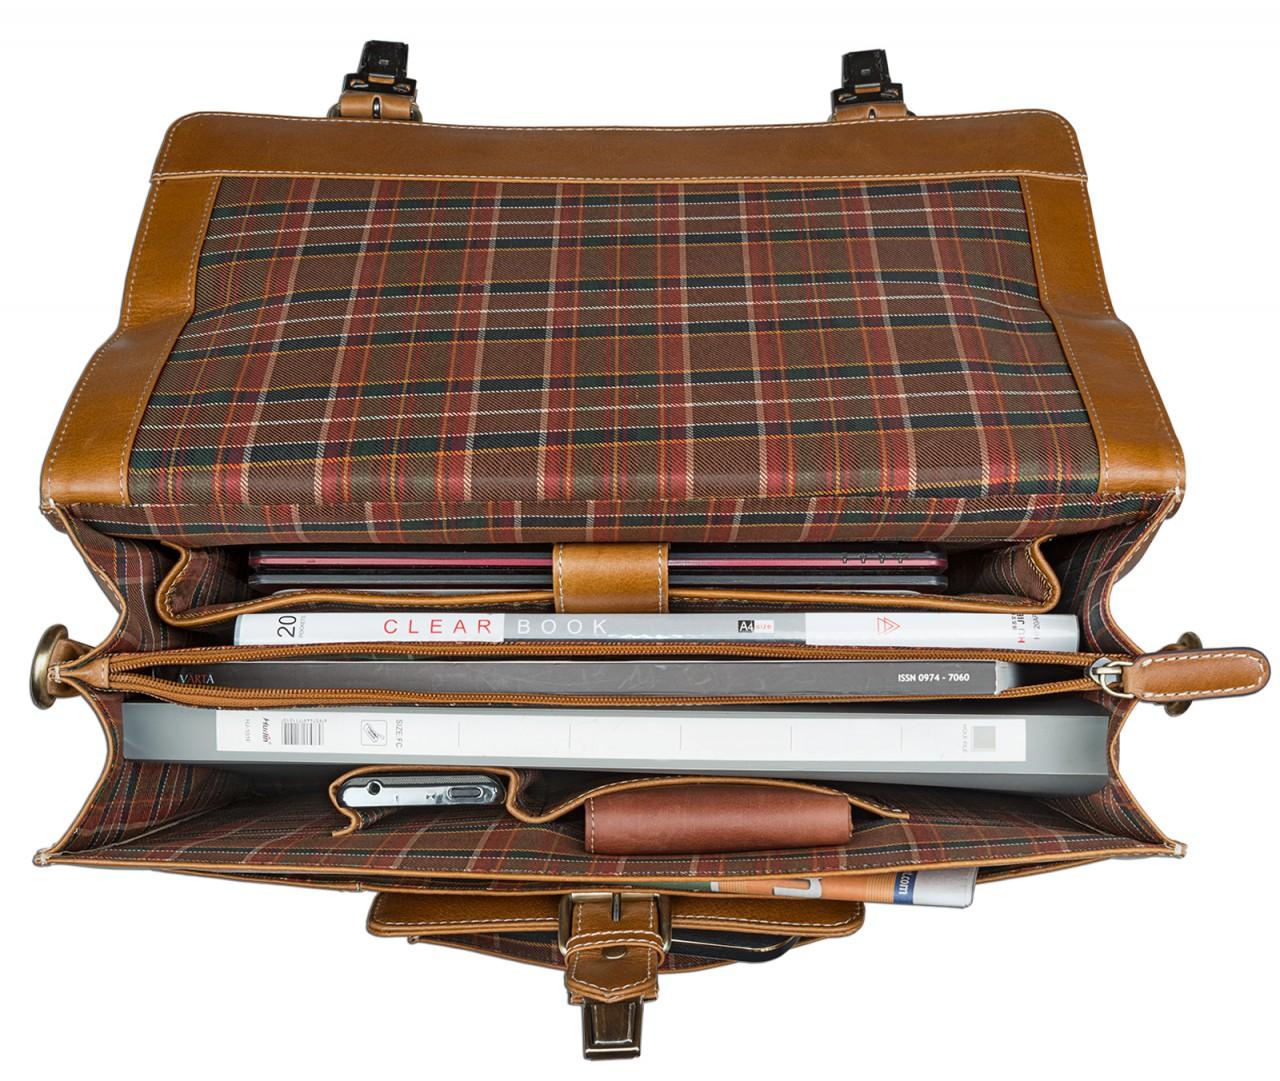 STILORD Aktentasche mit abnehmbaren Schultergurt Business Umhängetasche Lehrertasche im Vintage Design Leder cognac braun - Bild 5